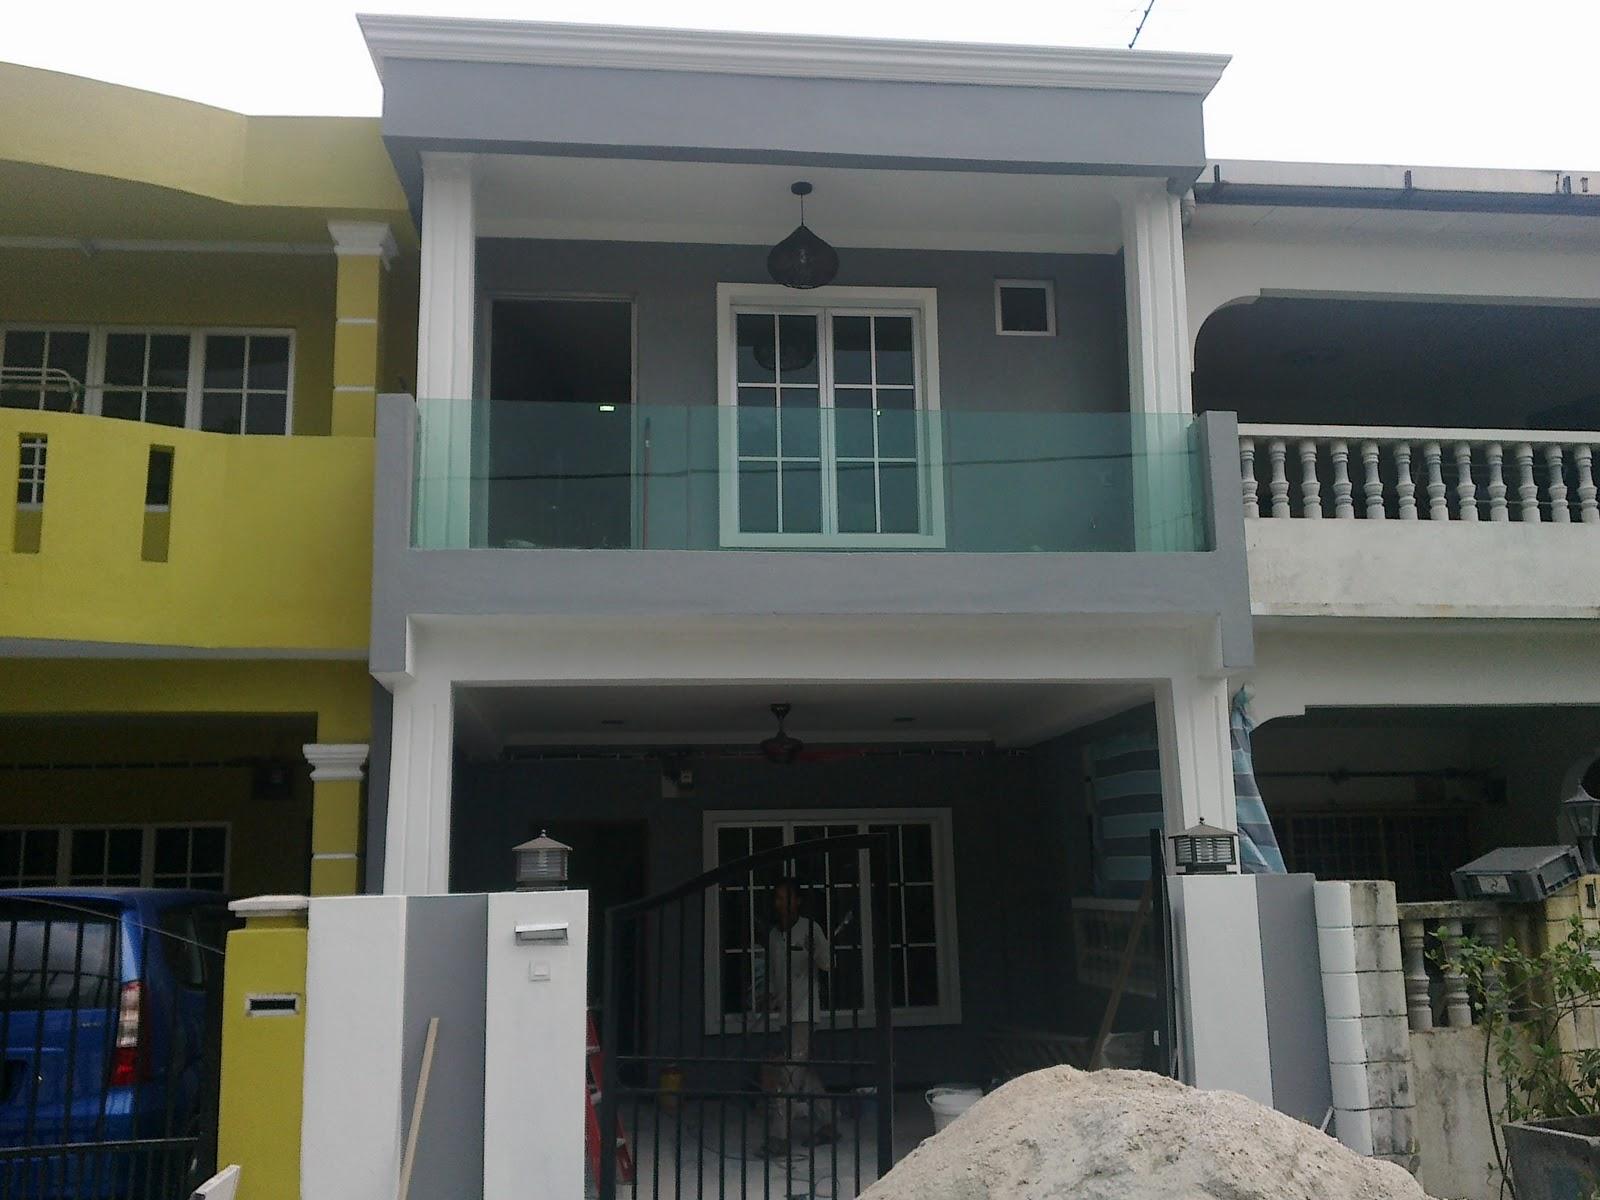 Rumah Teres 2 Tingkat Modern